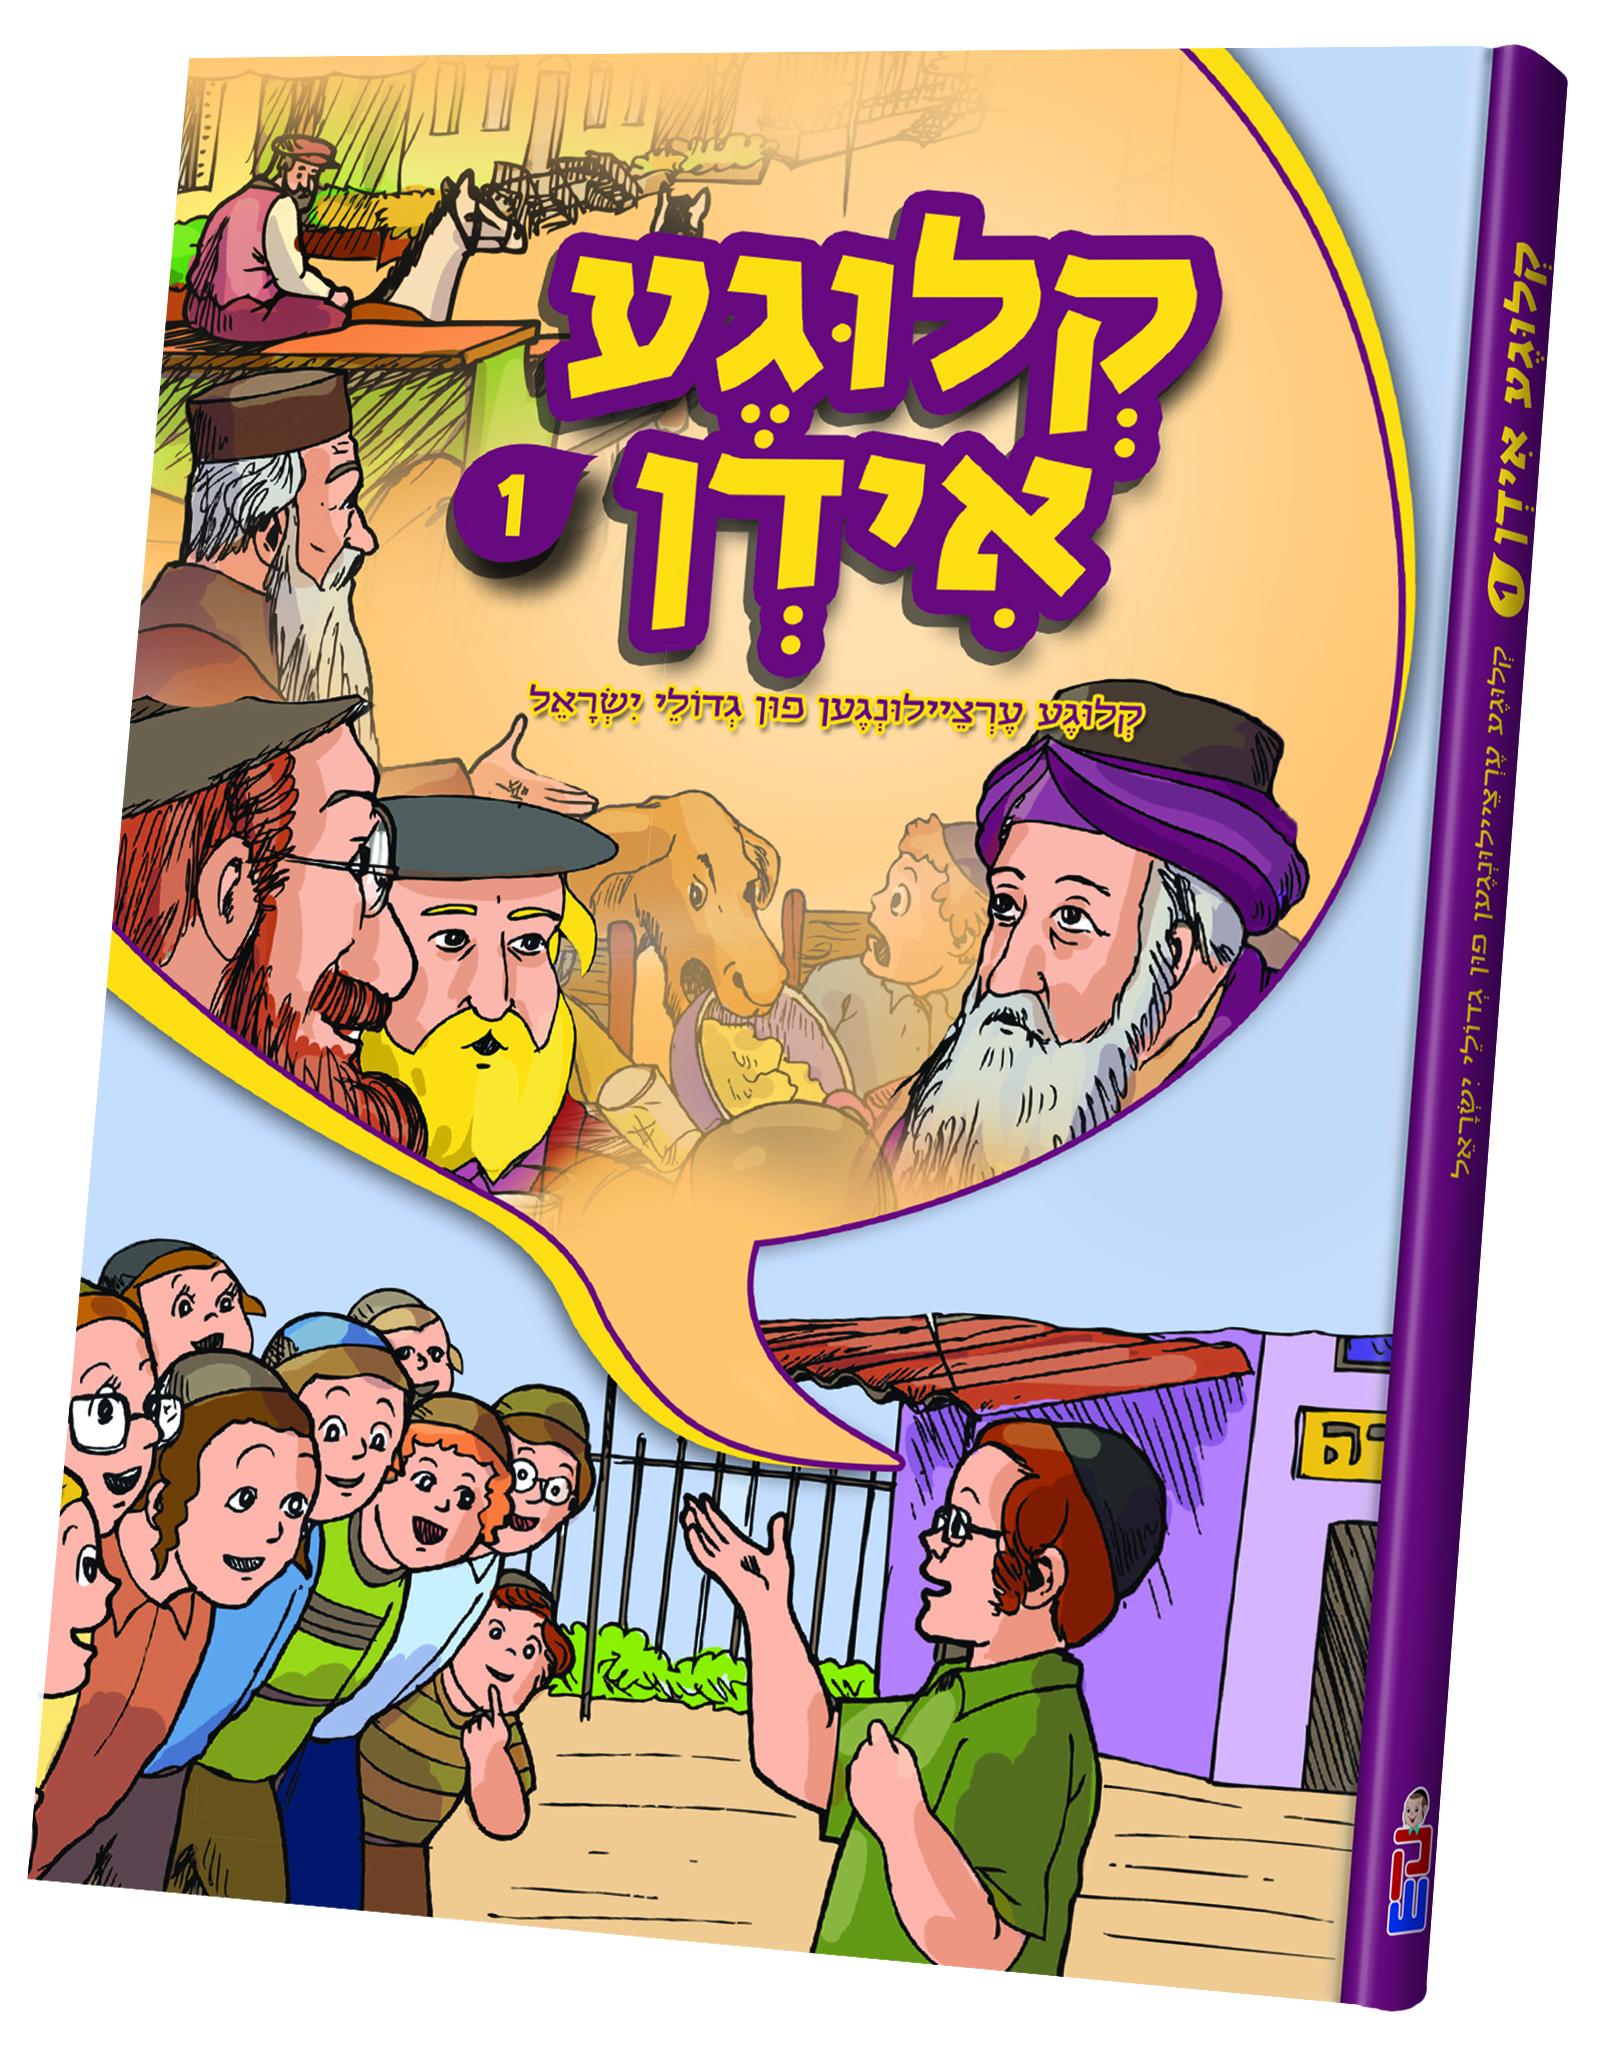 קלוגע אידן #1 - קלוגע ערציילונגען פון גדולי ישראל